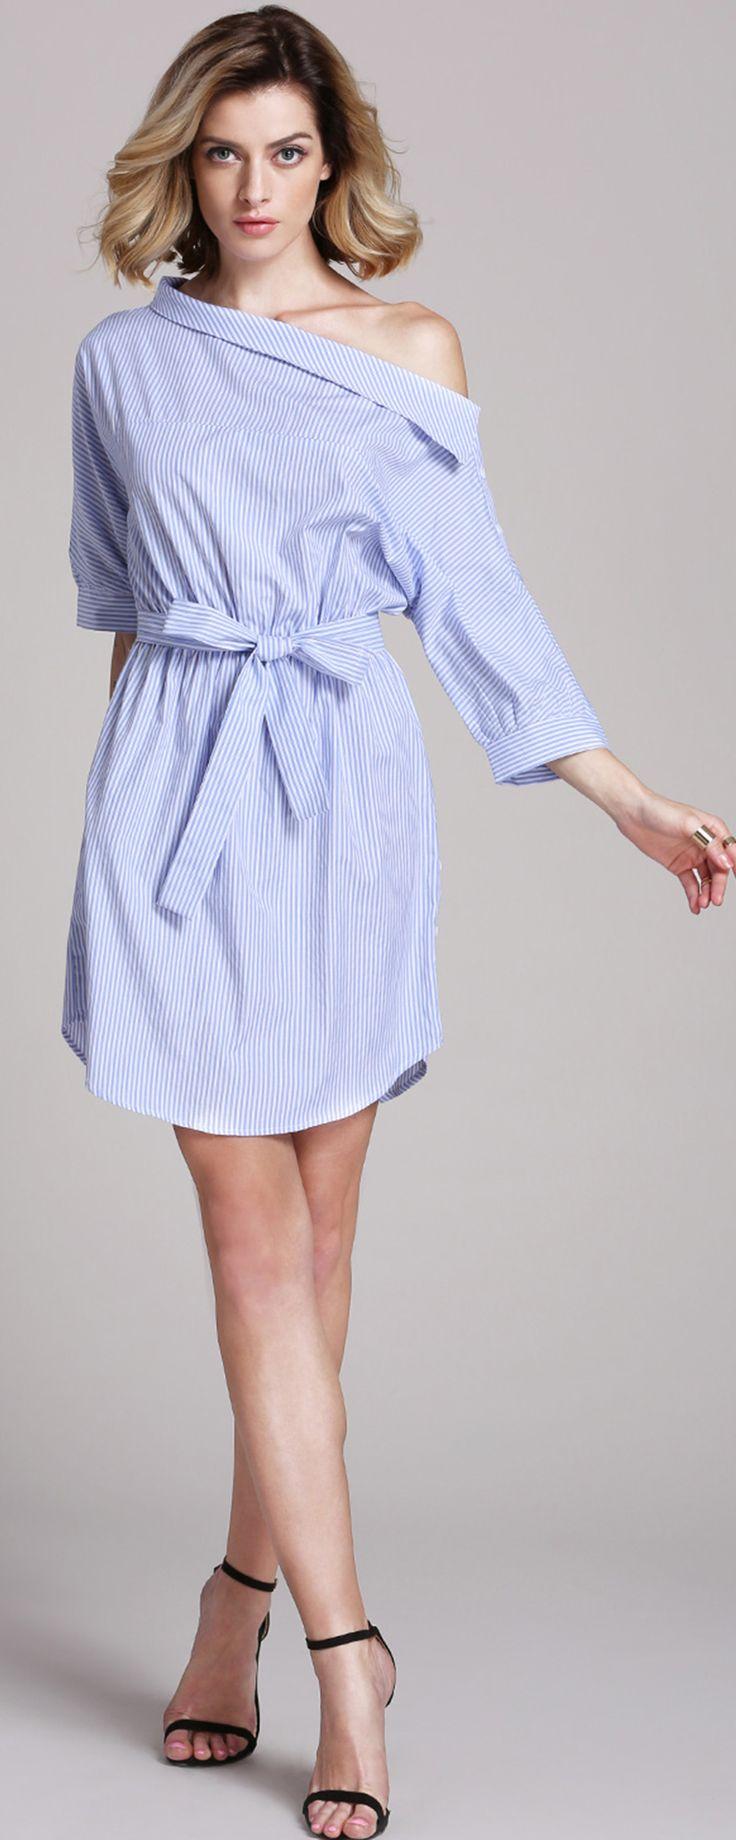 Die besten 17 ideen zu schulterfreies kleid auf pinterest for Shein frauen mode